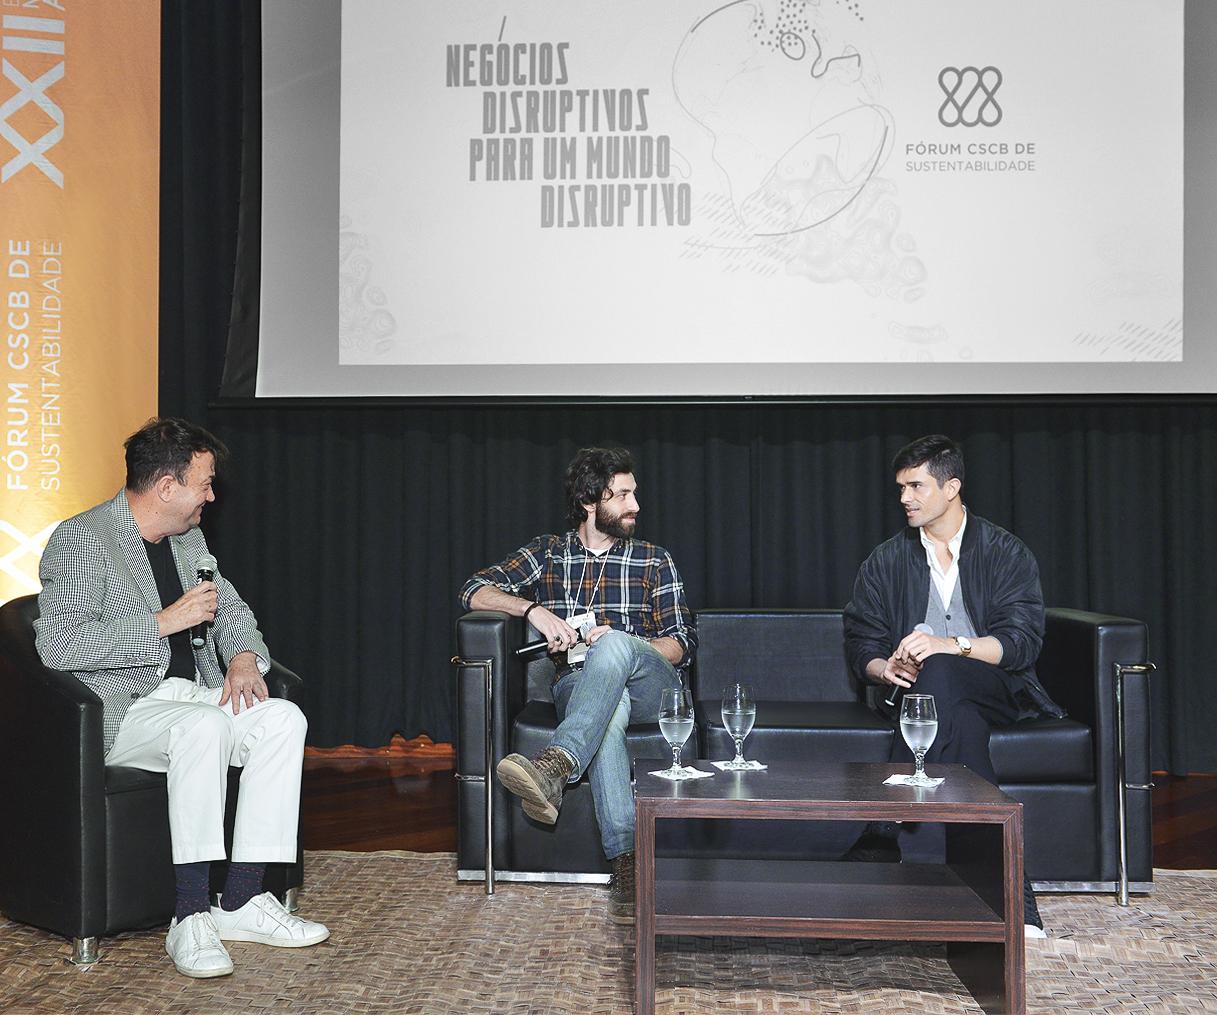 Forum Sustentabilidade CSCB